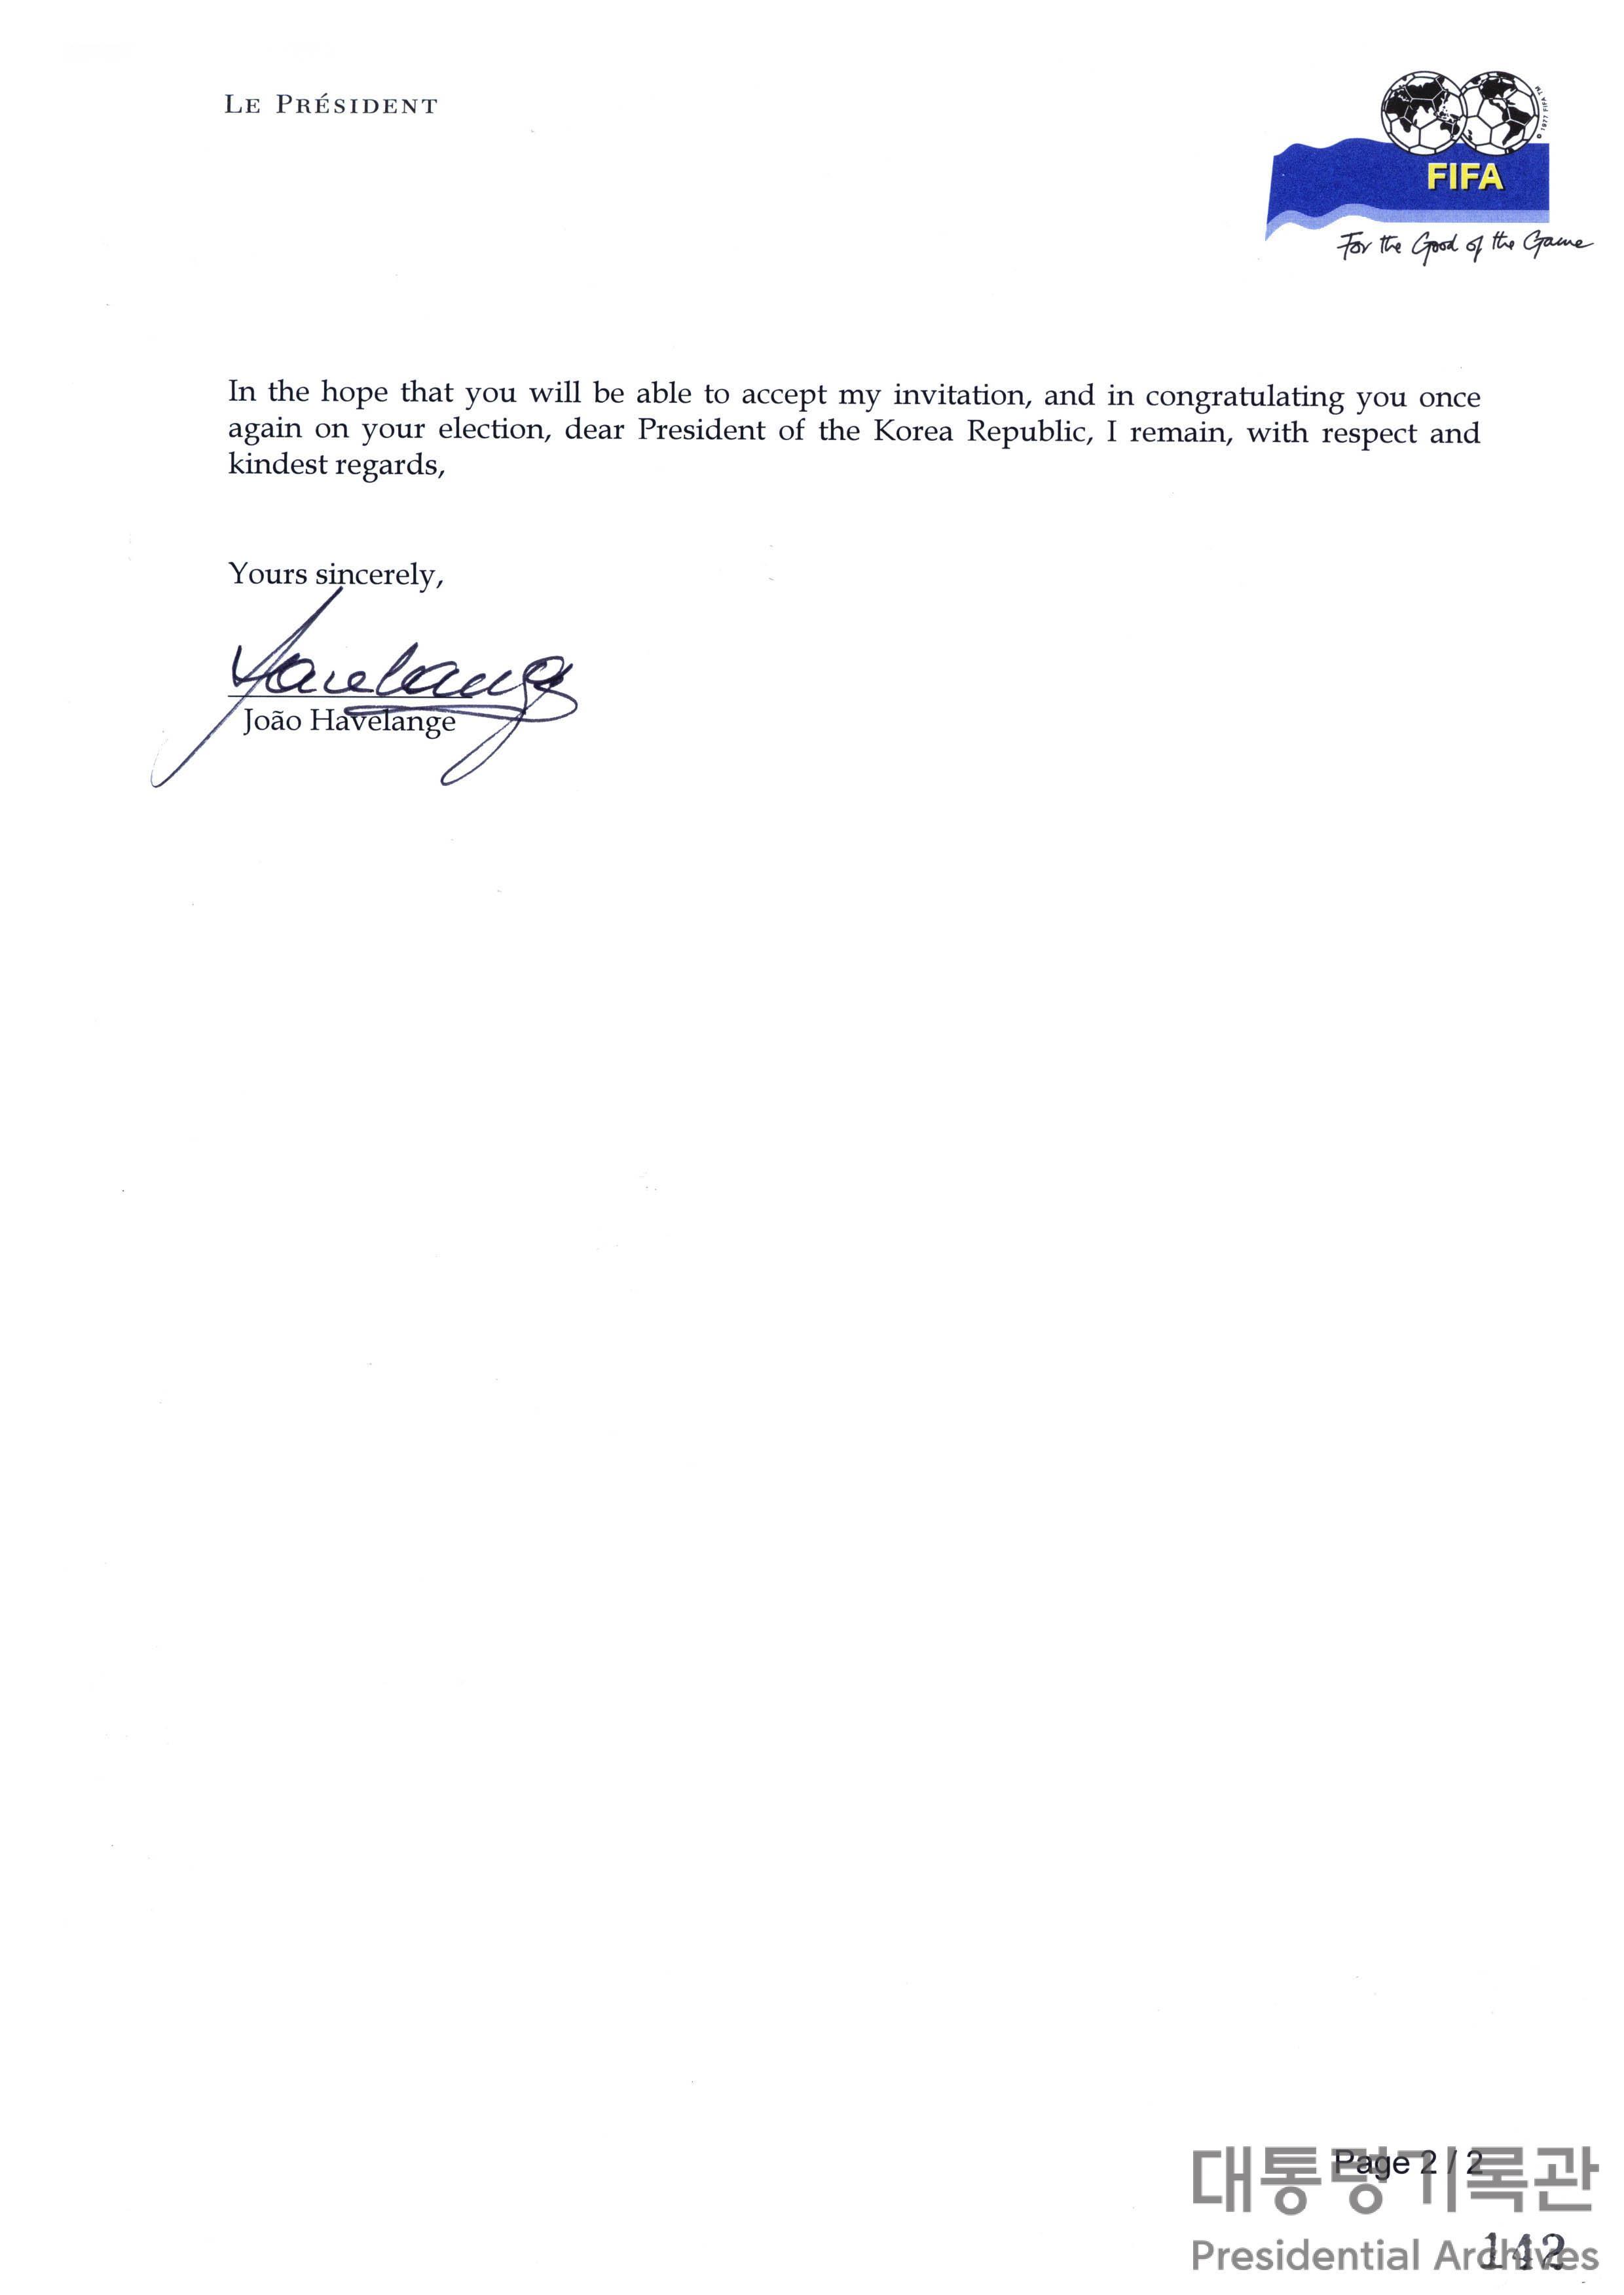 주앙 아벨랑제(Joao Havelange) FIFA 회장의 취임축하 및 프랑스 월드컵 개막식 초청 서한